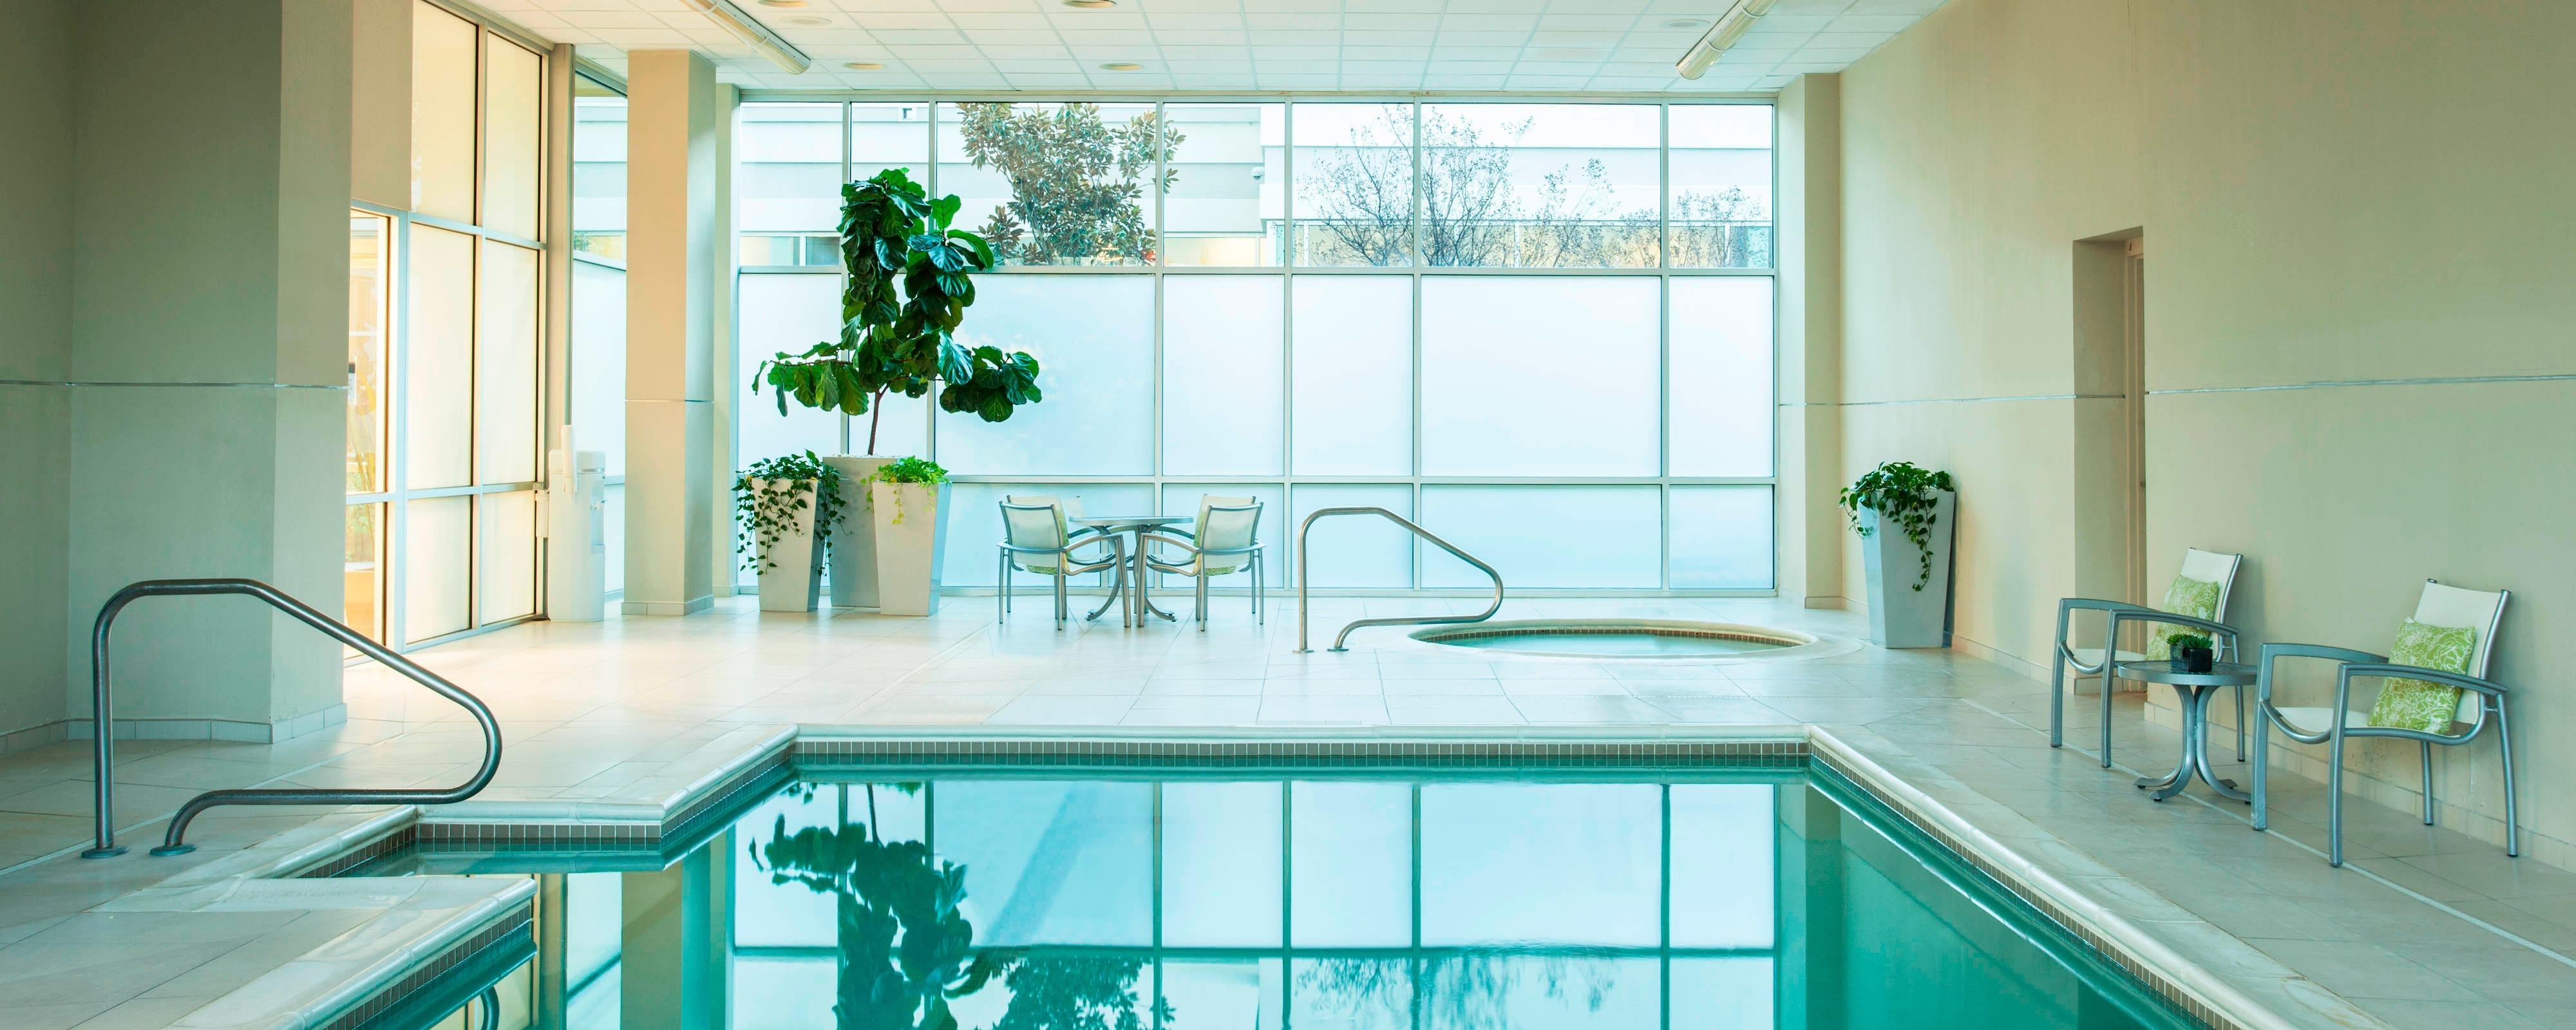 Piscina e banheira de hidromassagem aquecida